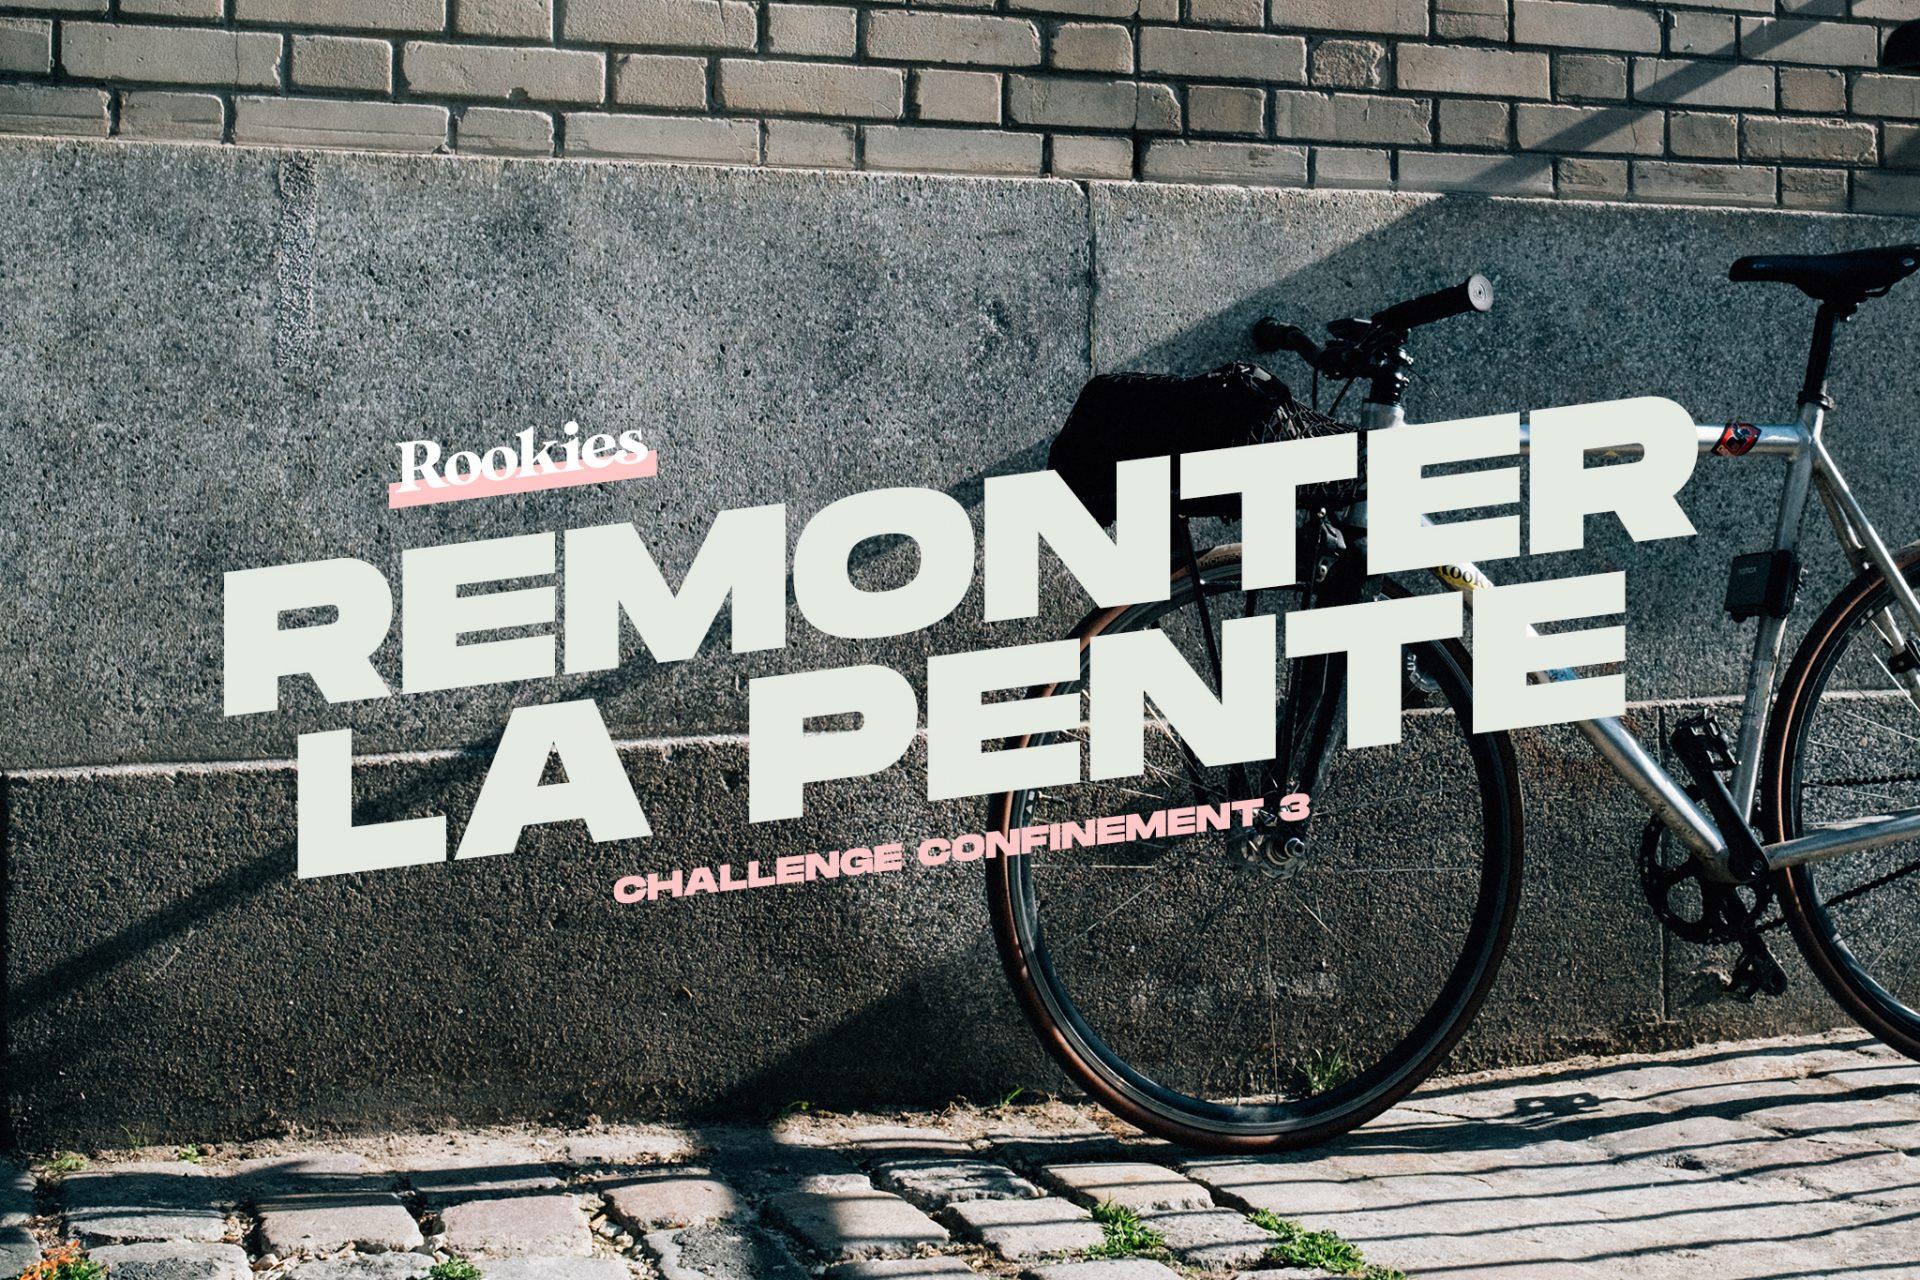 Remonter la pente (#ConfinementS3 ).